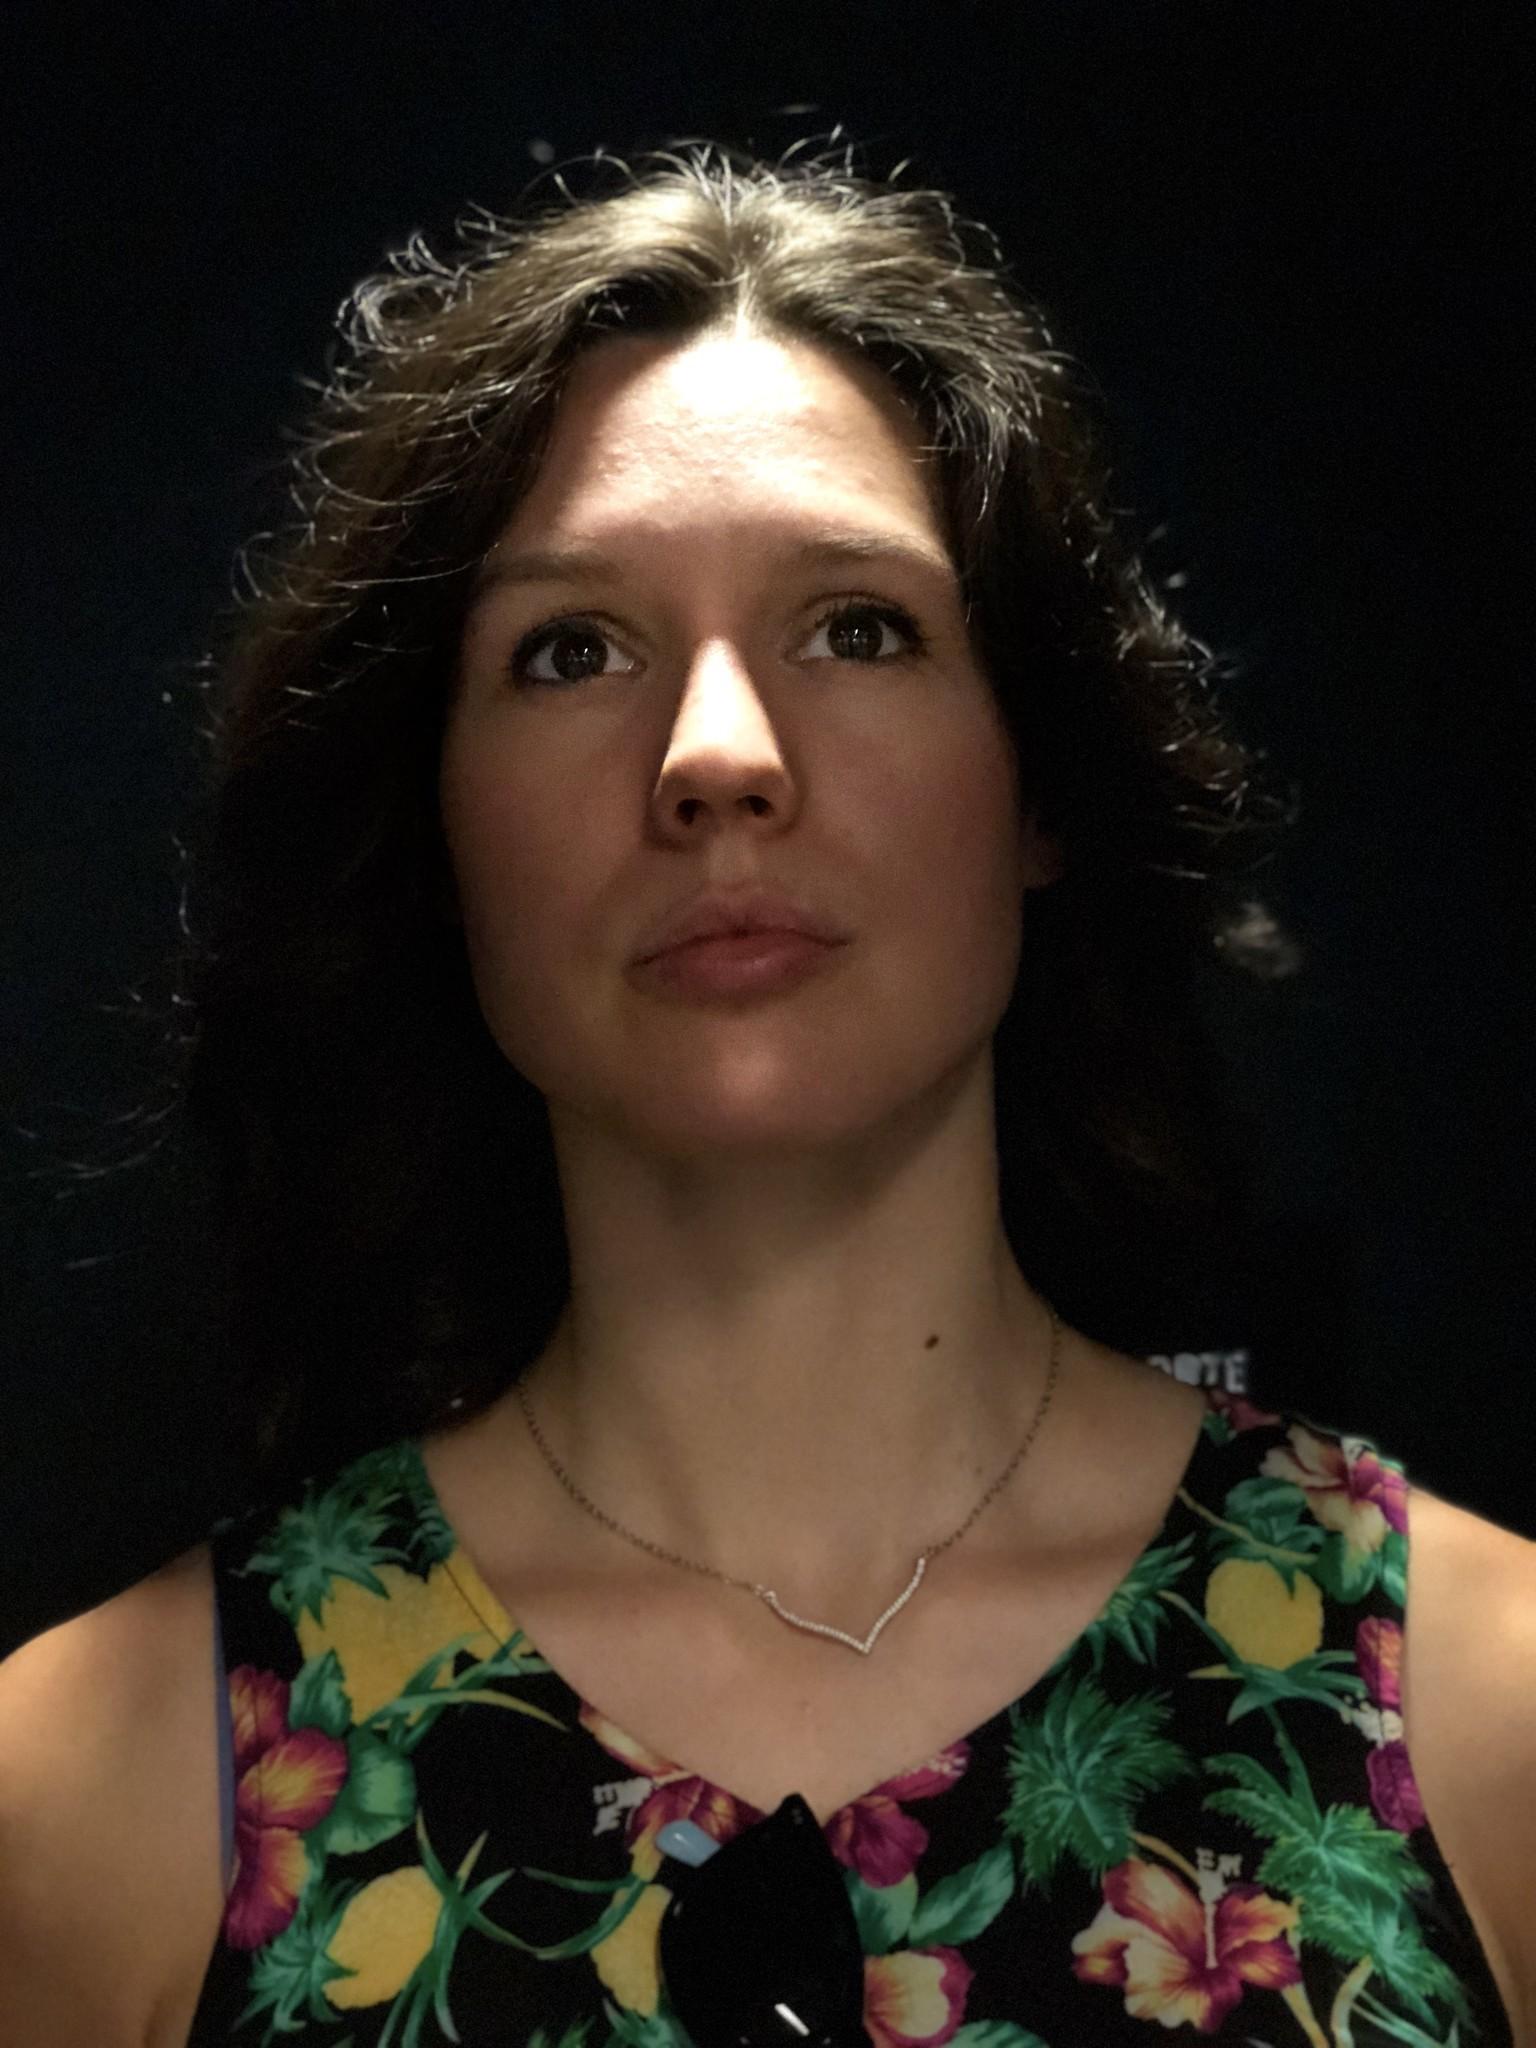 Как использовать портретный режим и портретное освещение в iPhone X - Контурное освещение